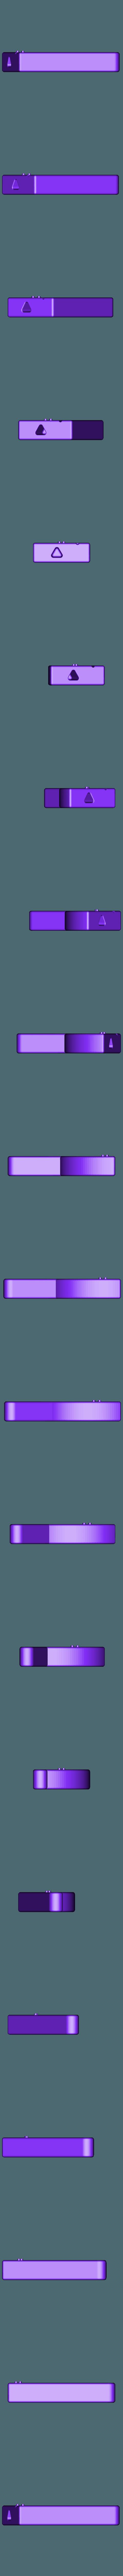 E.stl Télécharger fichier STL gratuit Mouse Fittle Puzzle • Plan à imprimer en 3D, Fittle